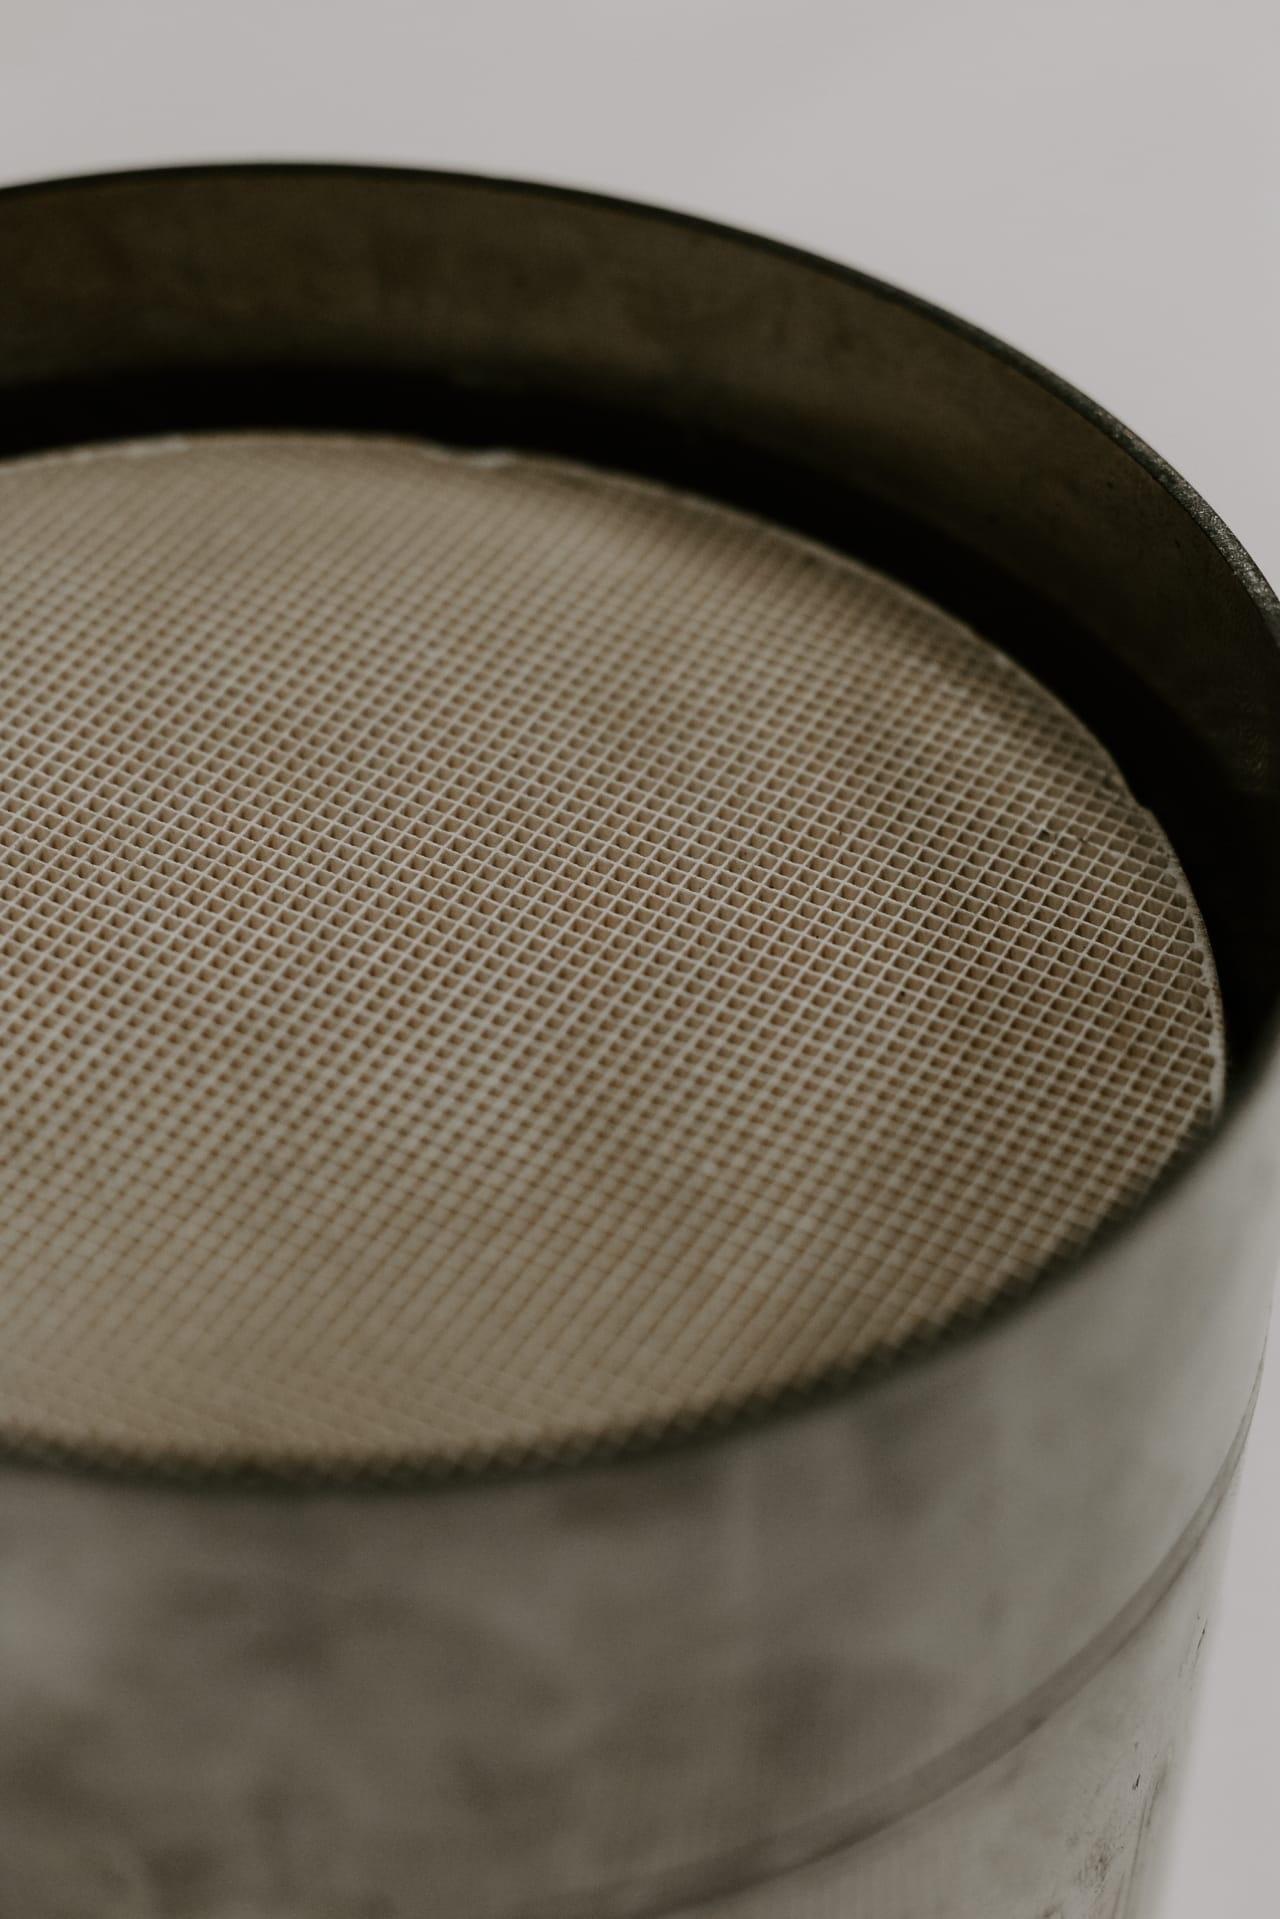 Как выглядит новый неиспользованный катализатор